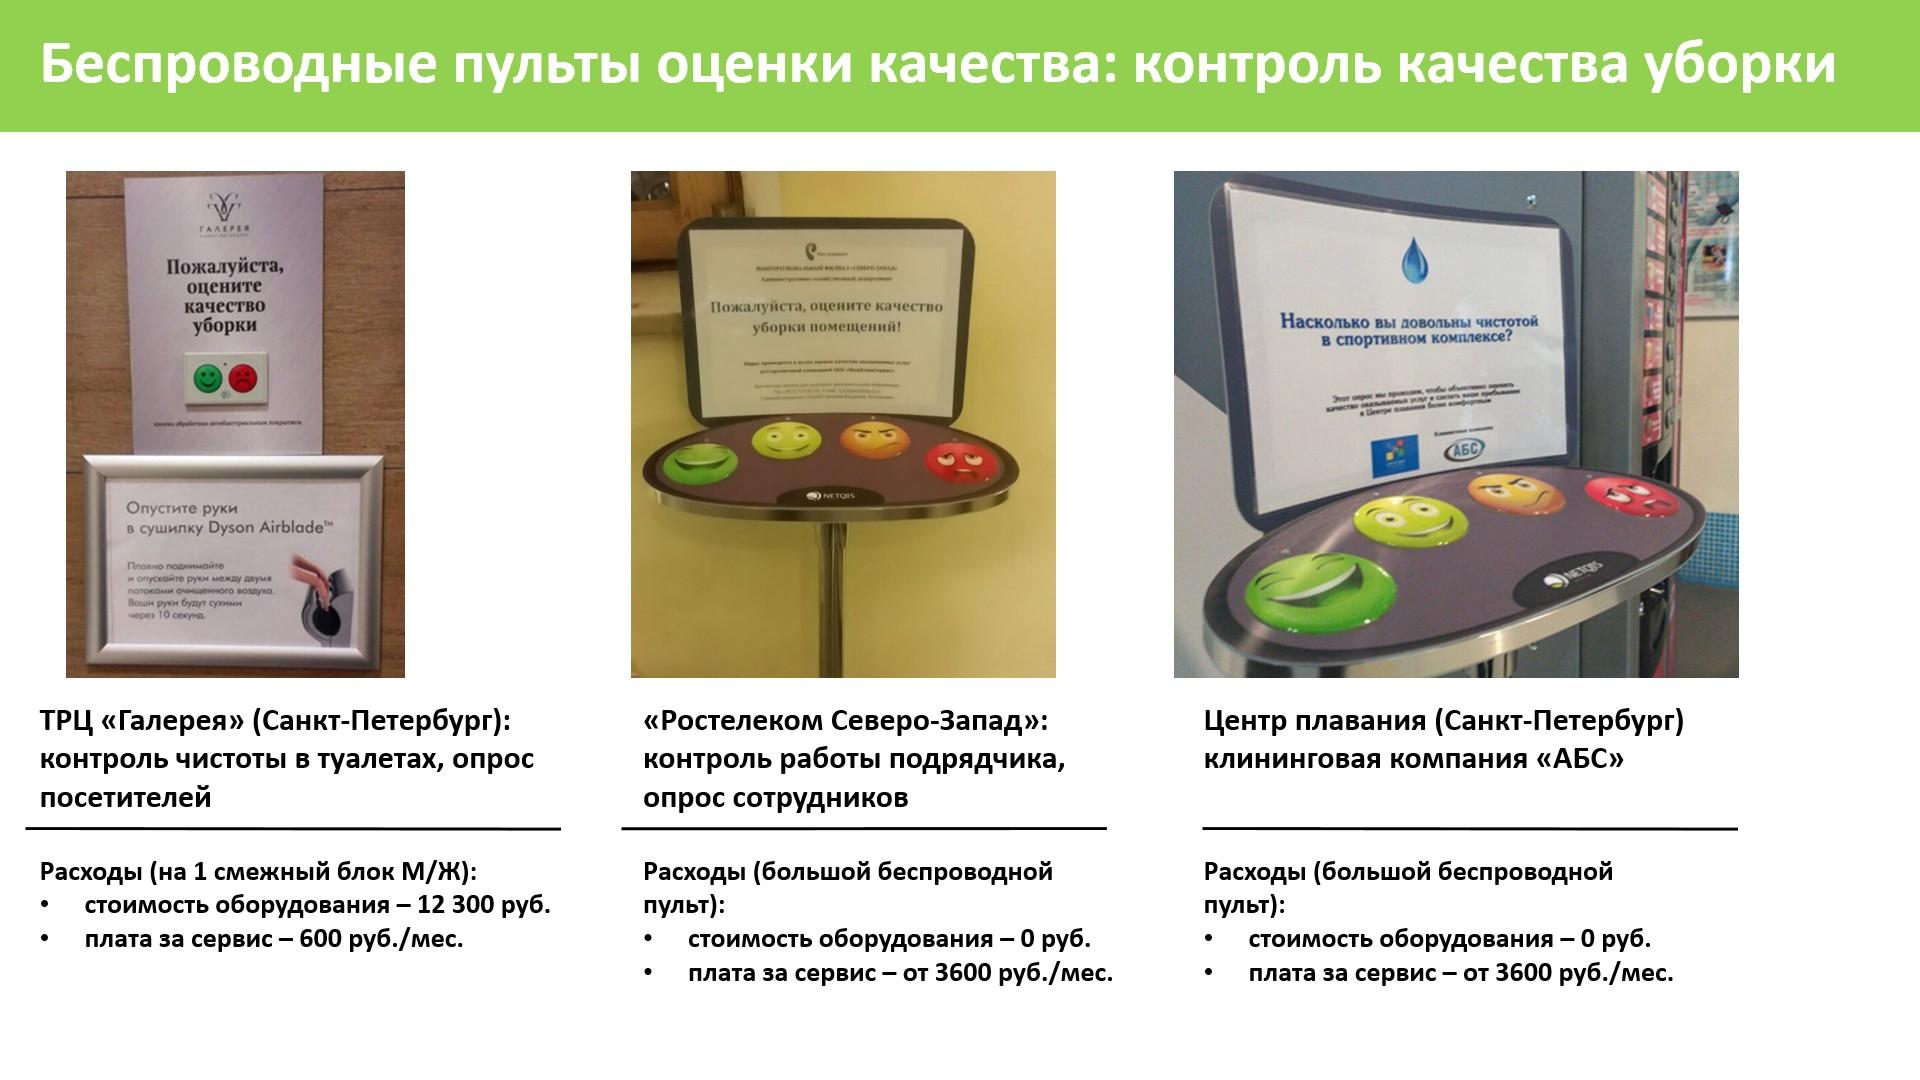 контроль качества уборки NETQIS